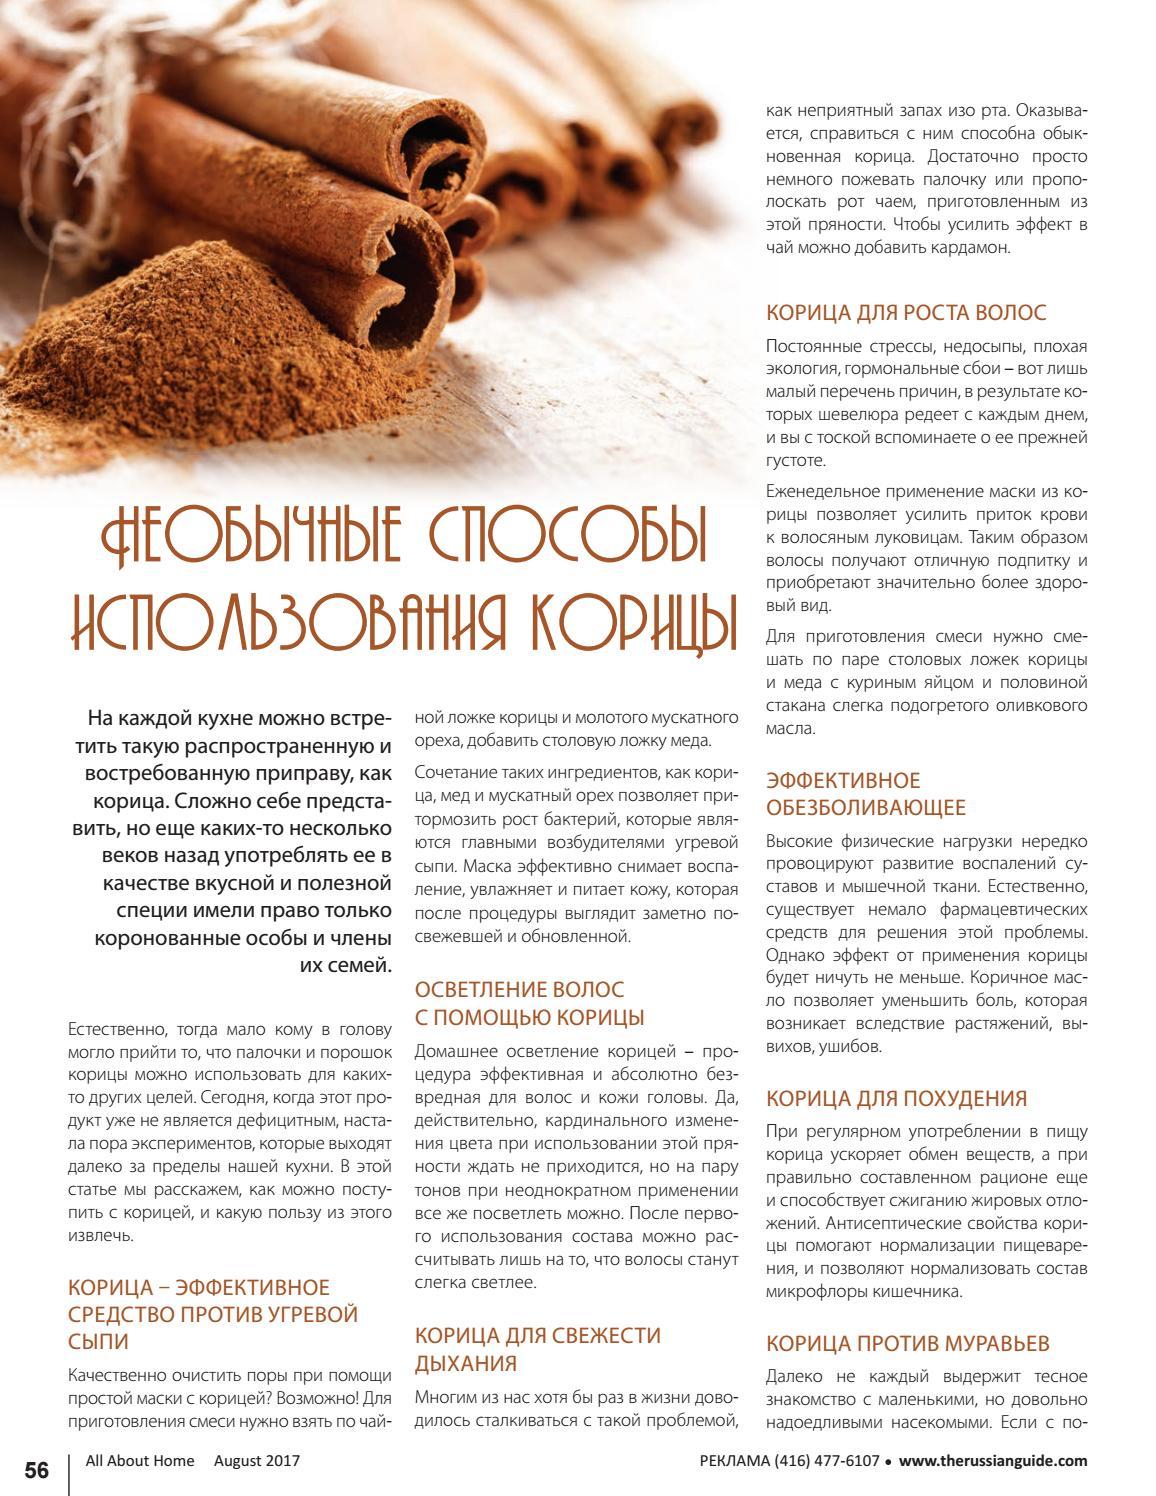 Корица: польза и вред для здоровья, рецепты для похудения, отзывы